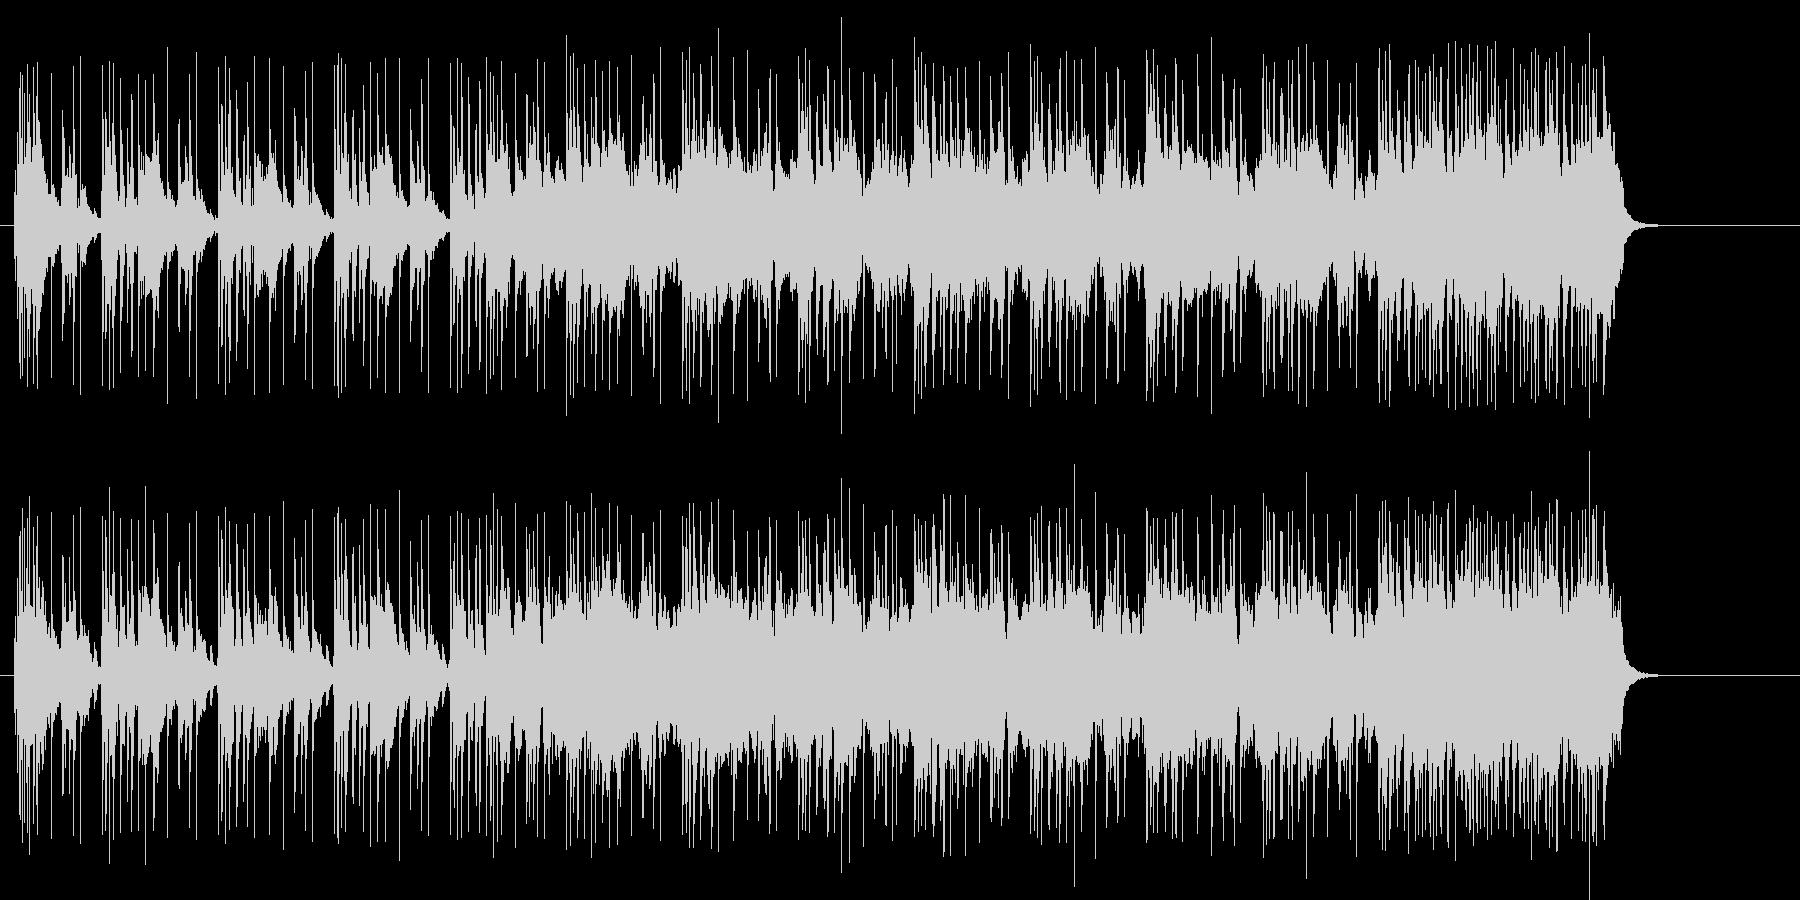 ブルーヴ感満点のファンキーロックサウンドの未再生の波形